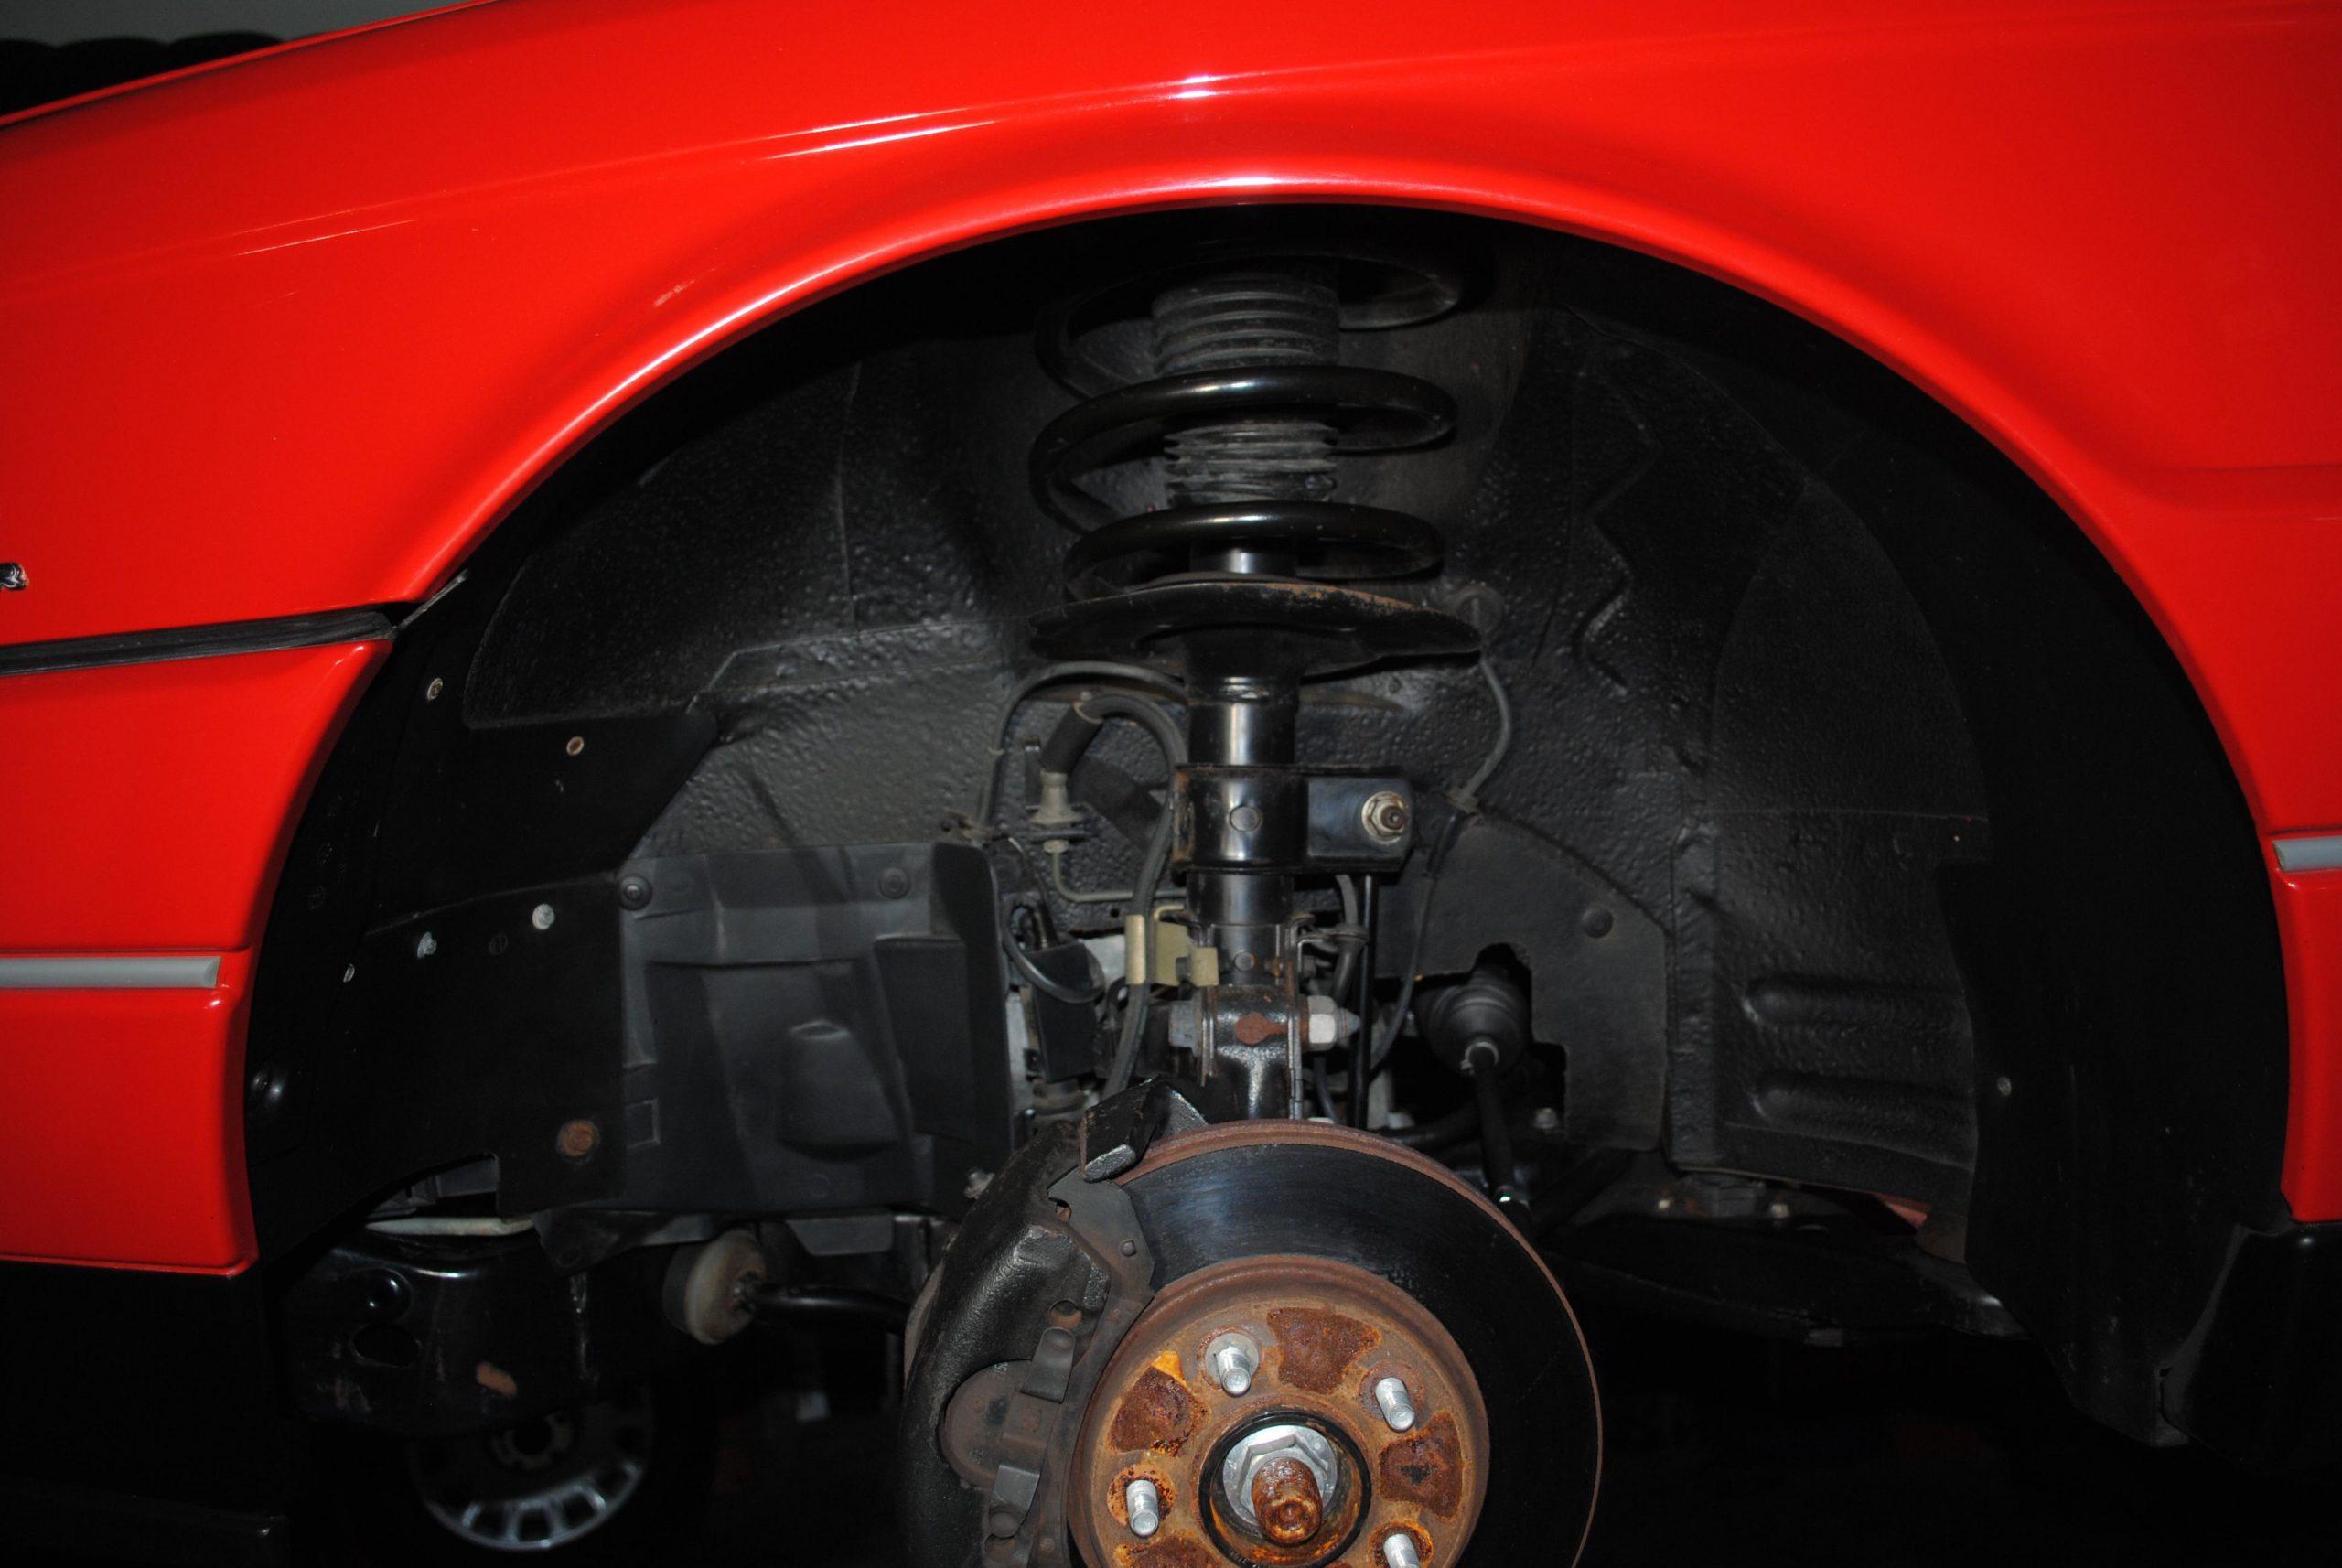 1993 Cadillac Allante suspension wheel well